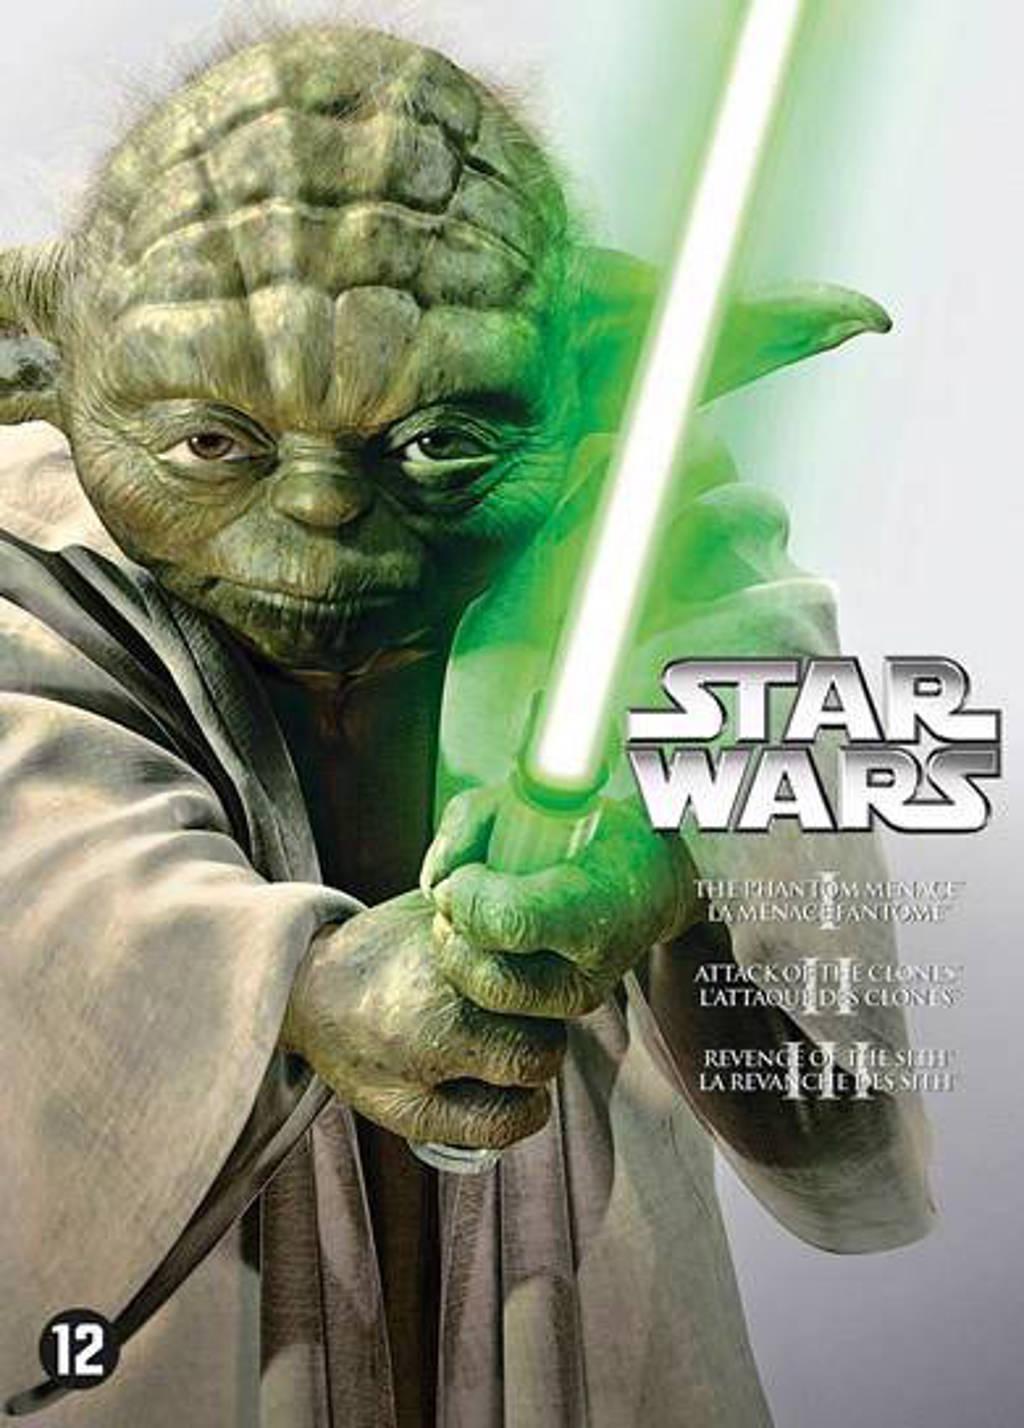 Star wars - Episode 1-3 (DVD)